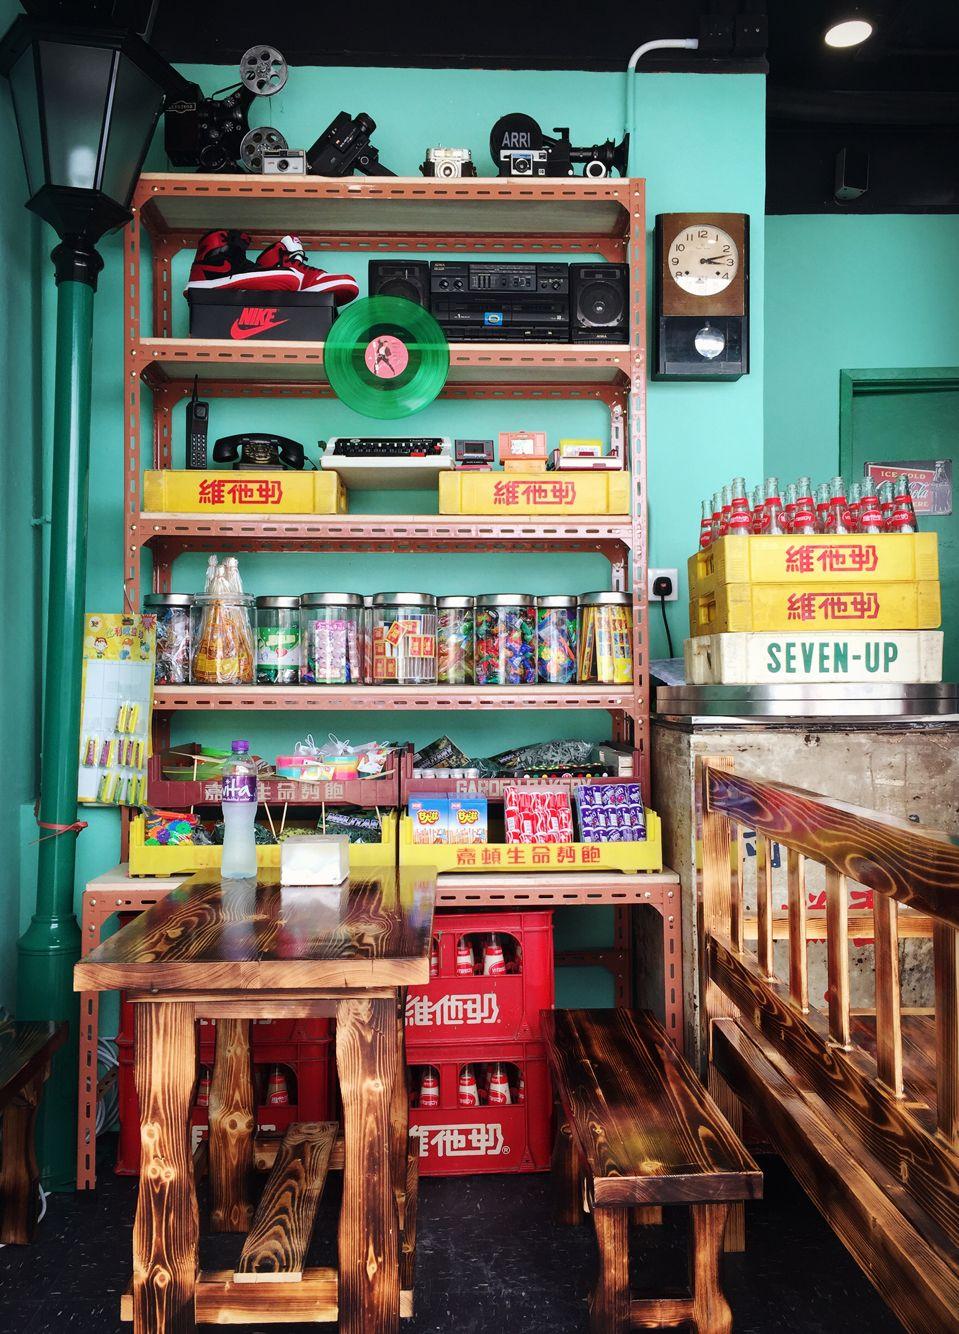 Vintage Hk Snack Shop In Stanley Vintage Clothes Shop Vintage Clothing Stores Vintage Shops